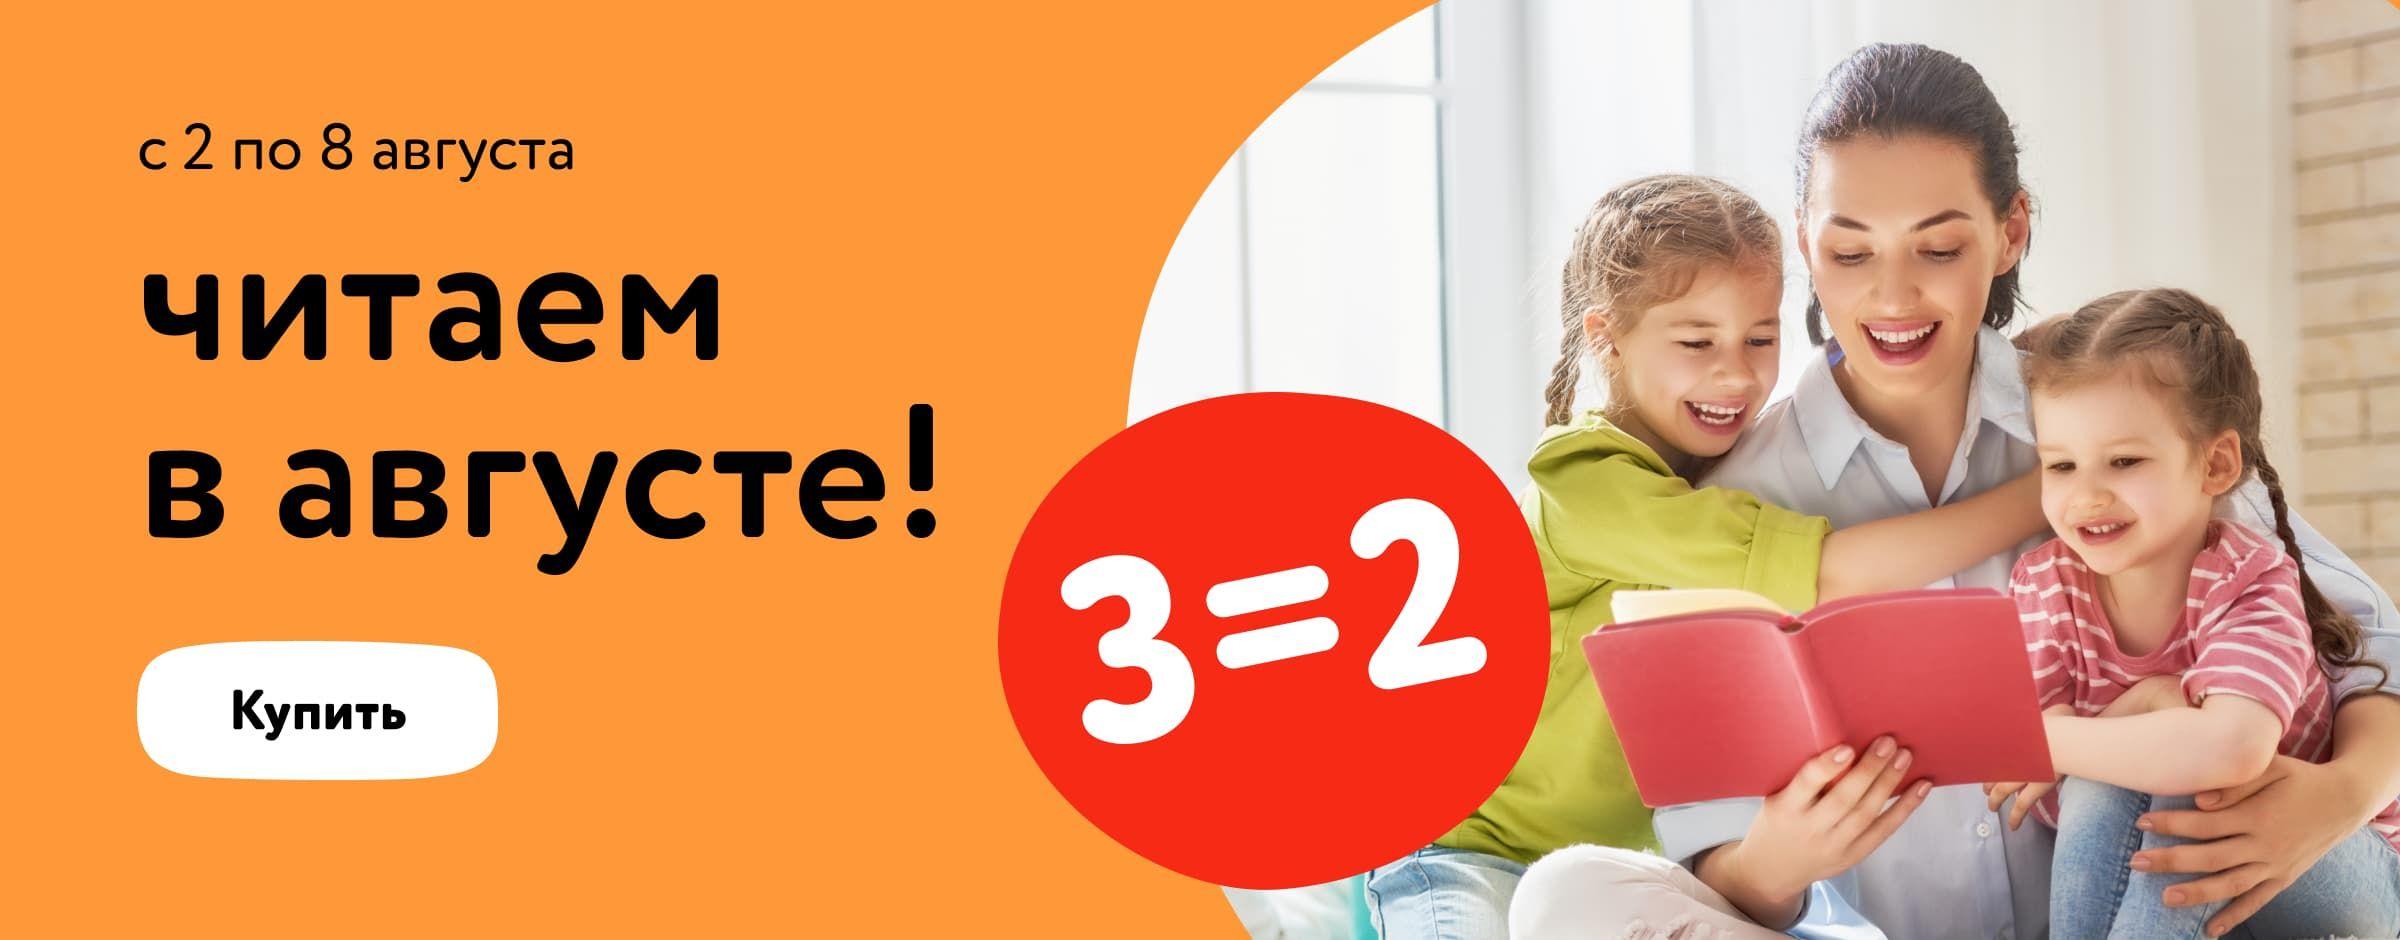 Акция 3=2 на книги из выделенного ассортимента